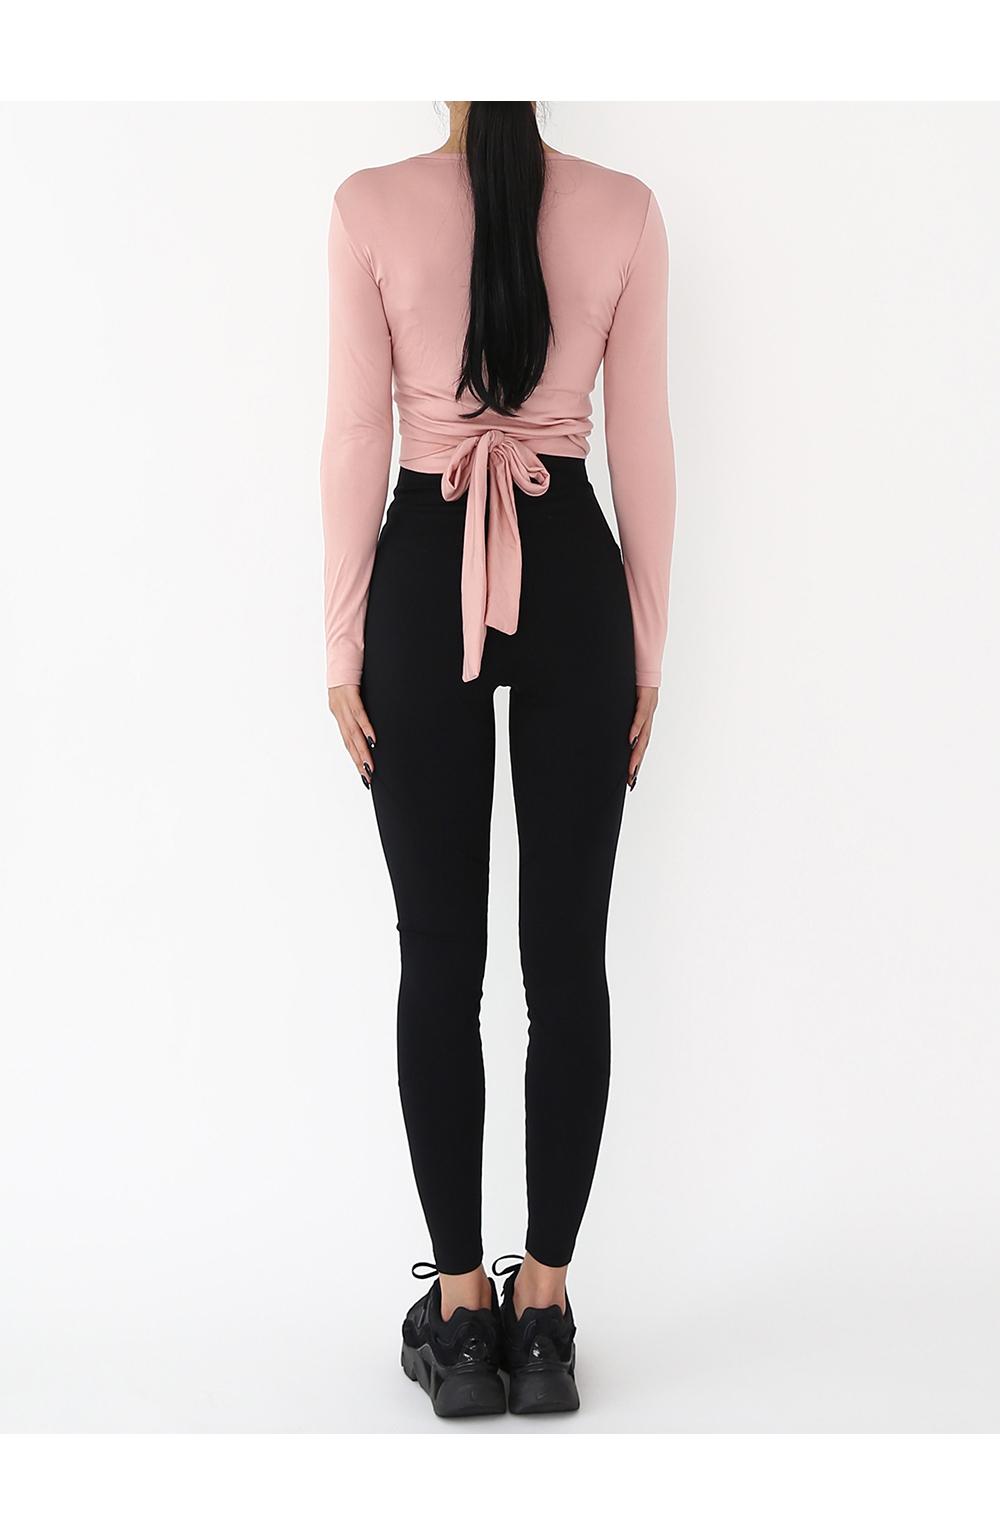 連衣裙模特穿著形象 - S1L12